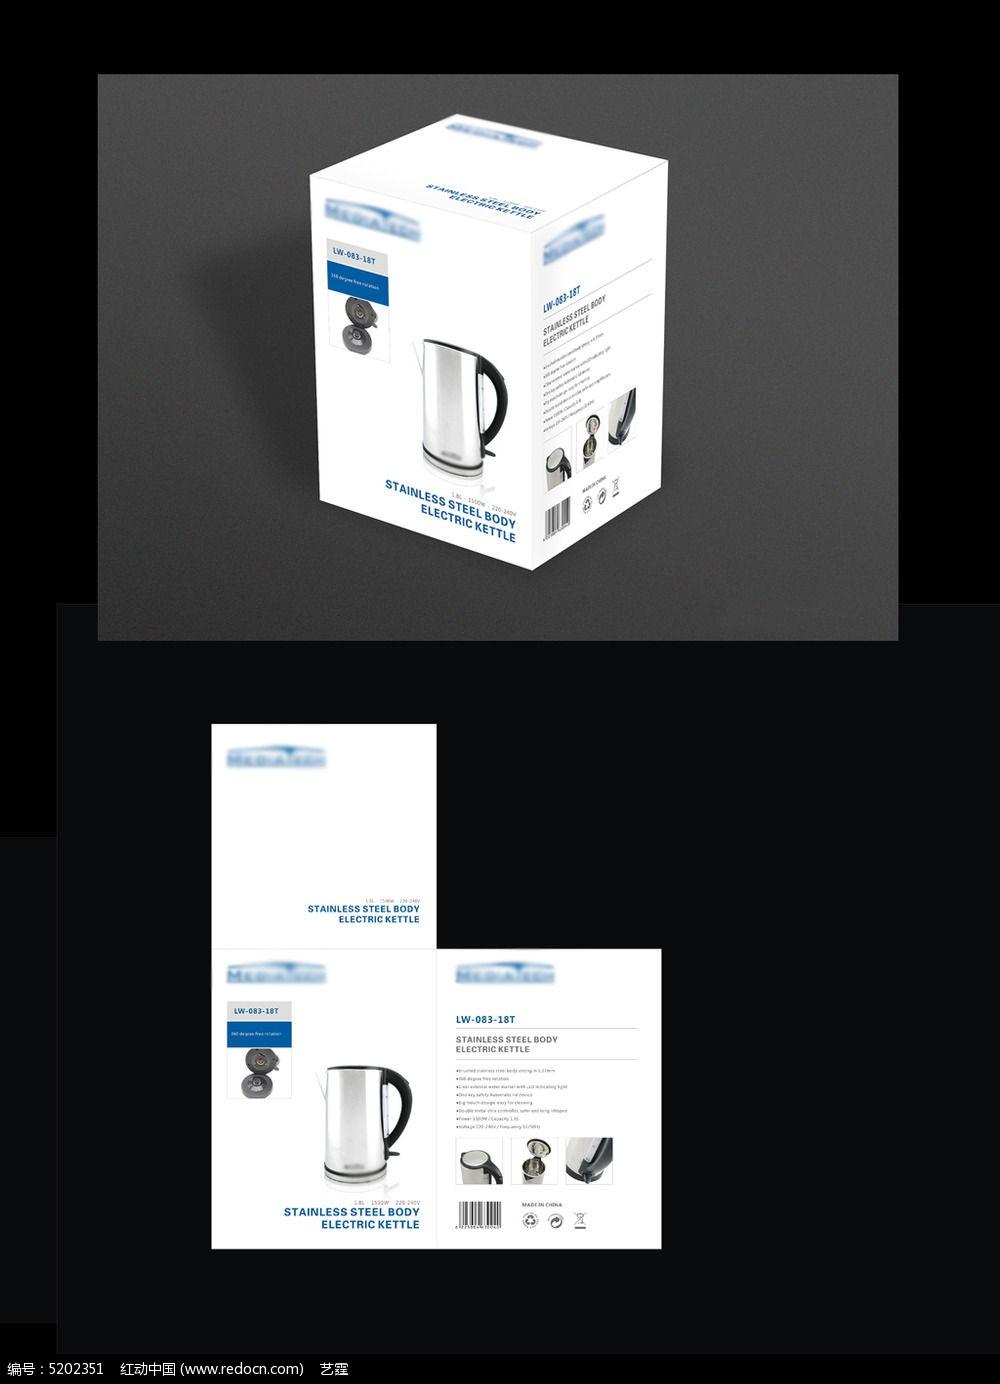 简约电热水壶包装设计图片